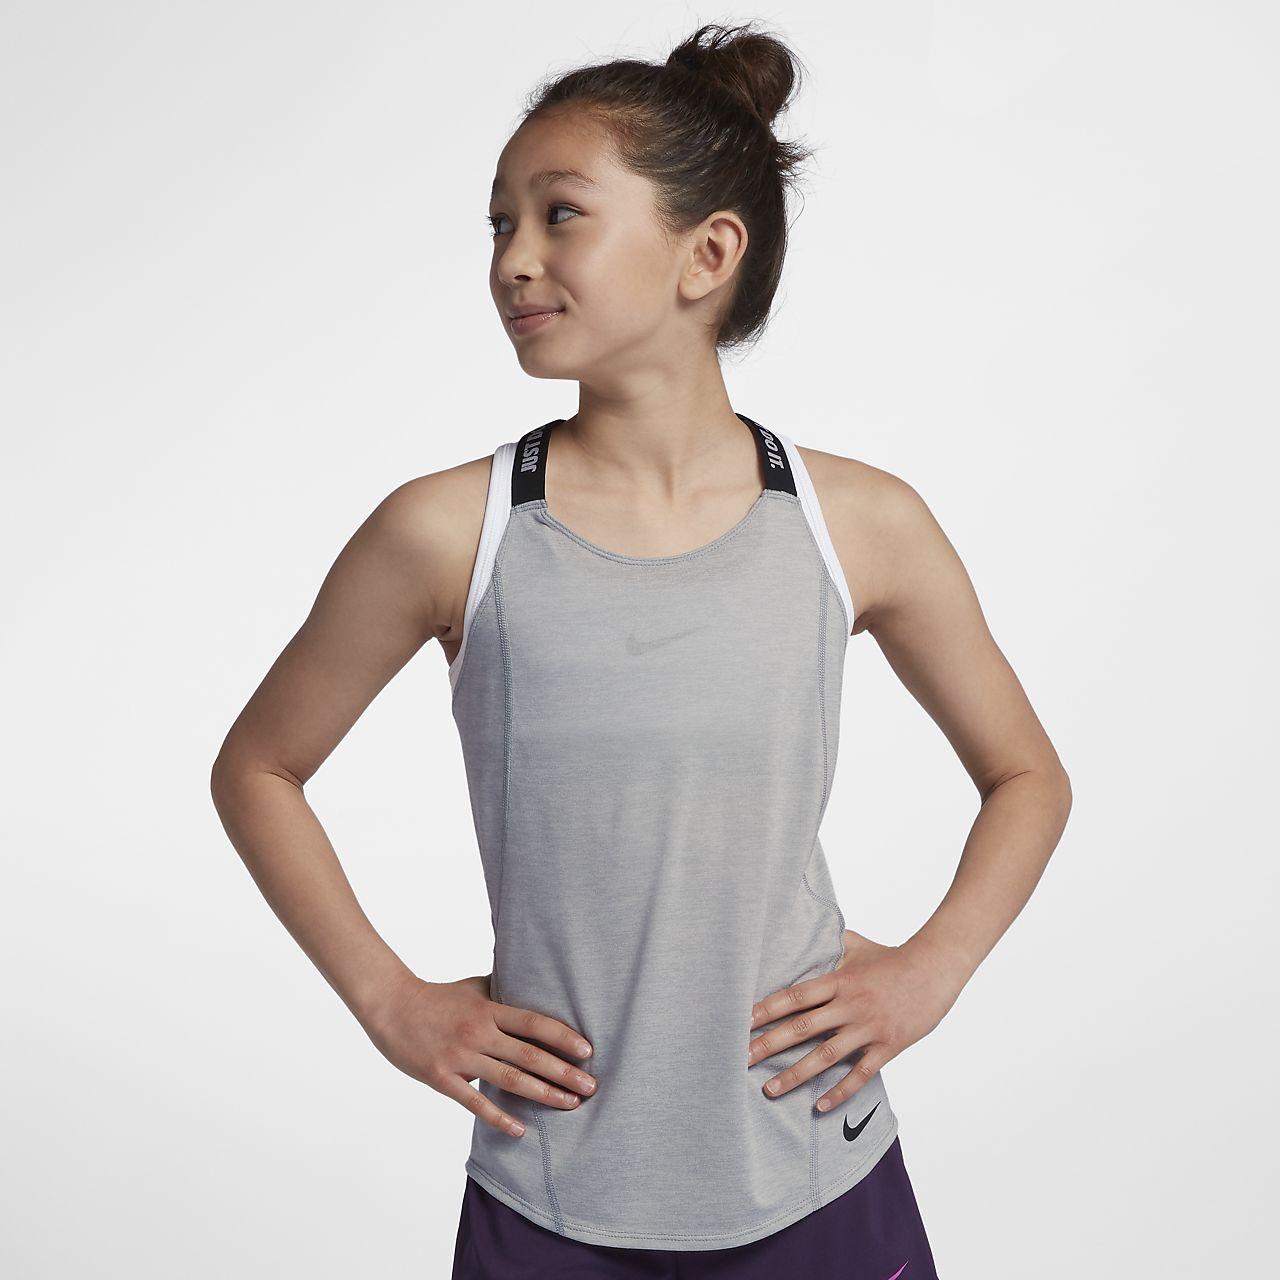 Träningslinne Nike Dri-FIT för ungdom (tjejer)